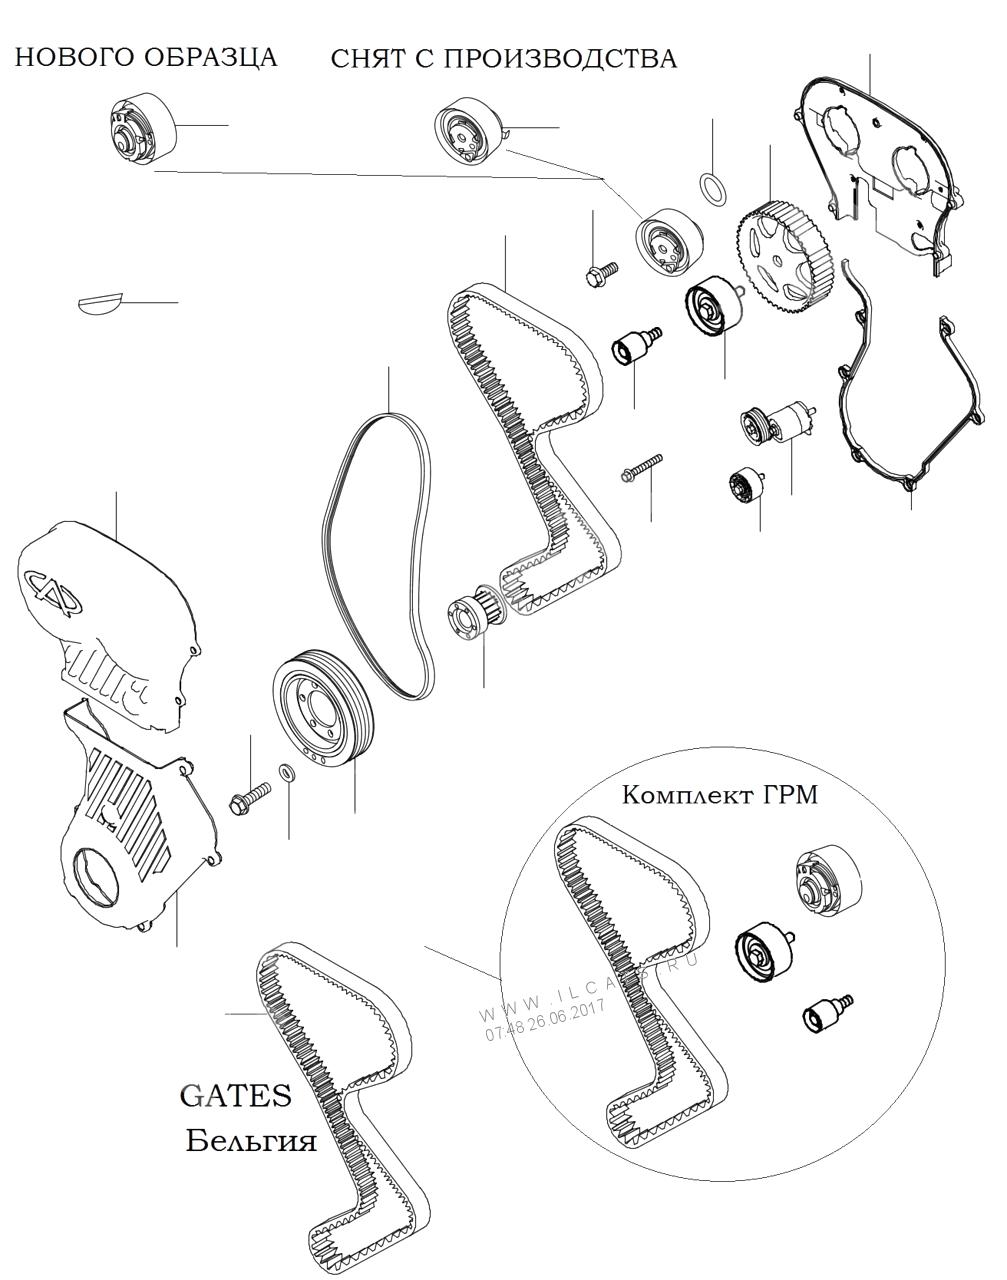 Замена ремня ГРМ Вортекс Тинго 1.8 л с фото и видео - AutoGRM